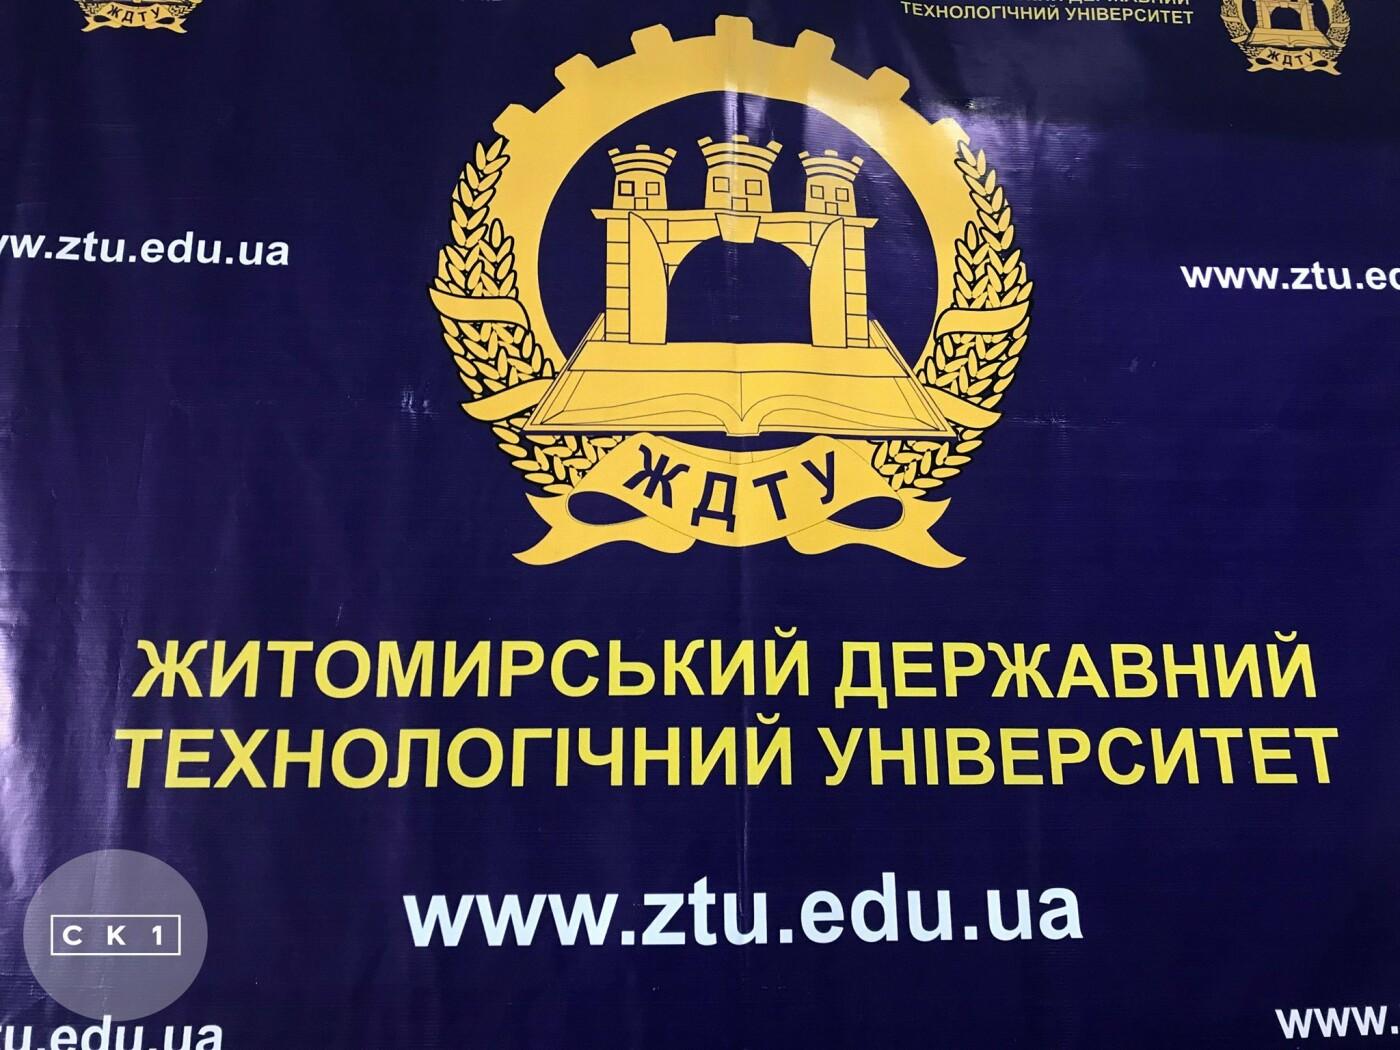 Житомирський технологічний університет змінив свою назву, фото-1